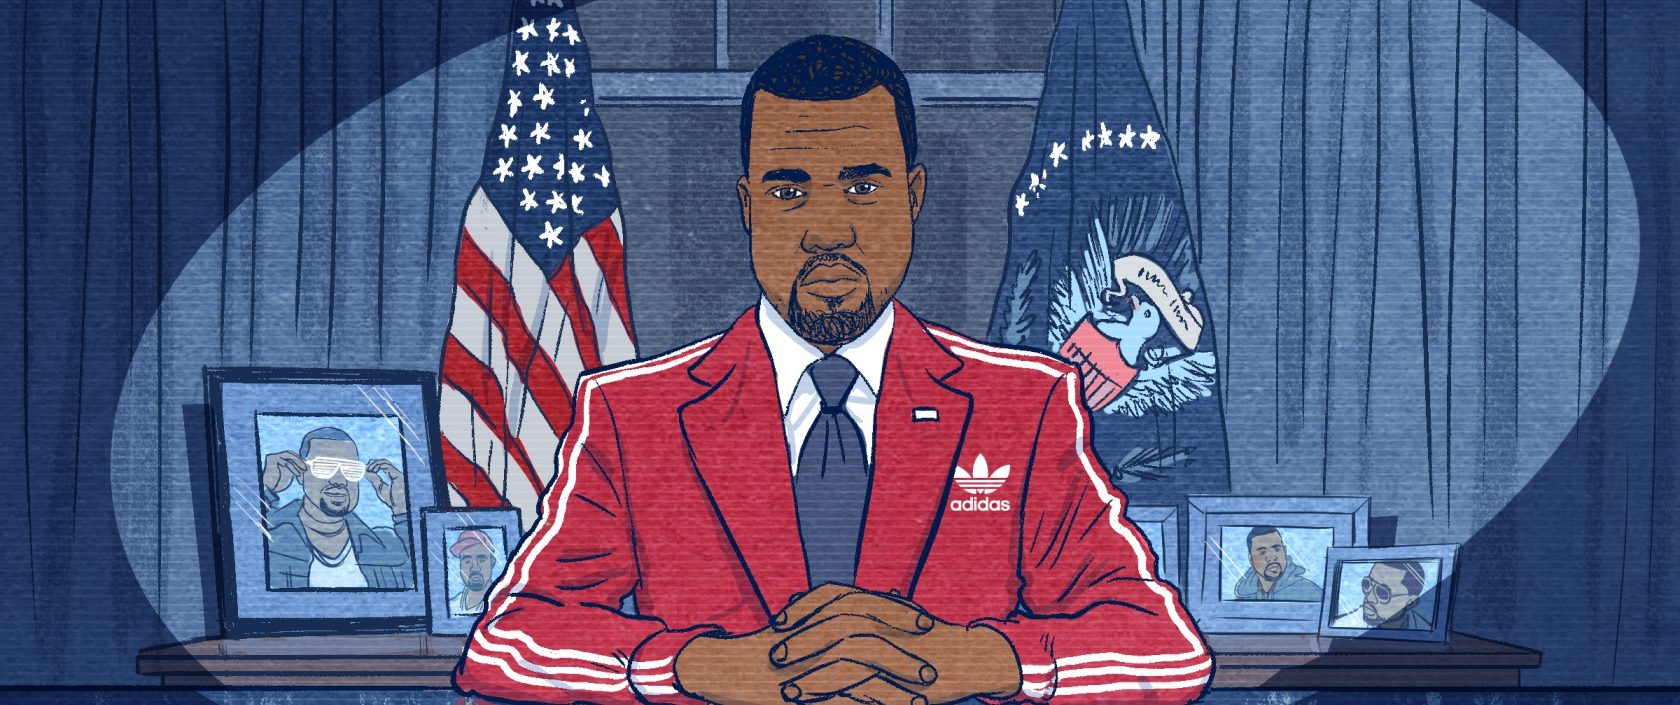 Kanye West President 2020 - El Deforma - Un no-ticiero de verdad